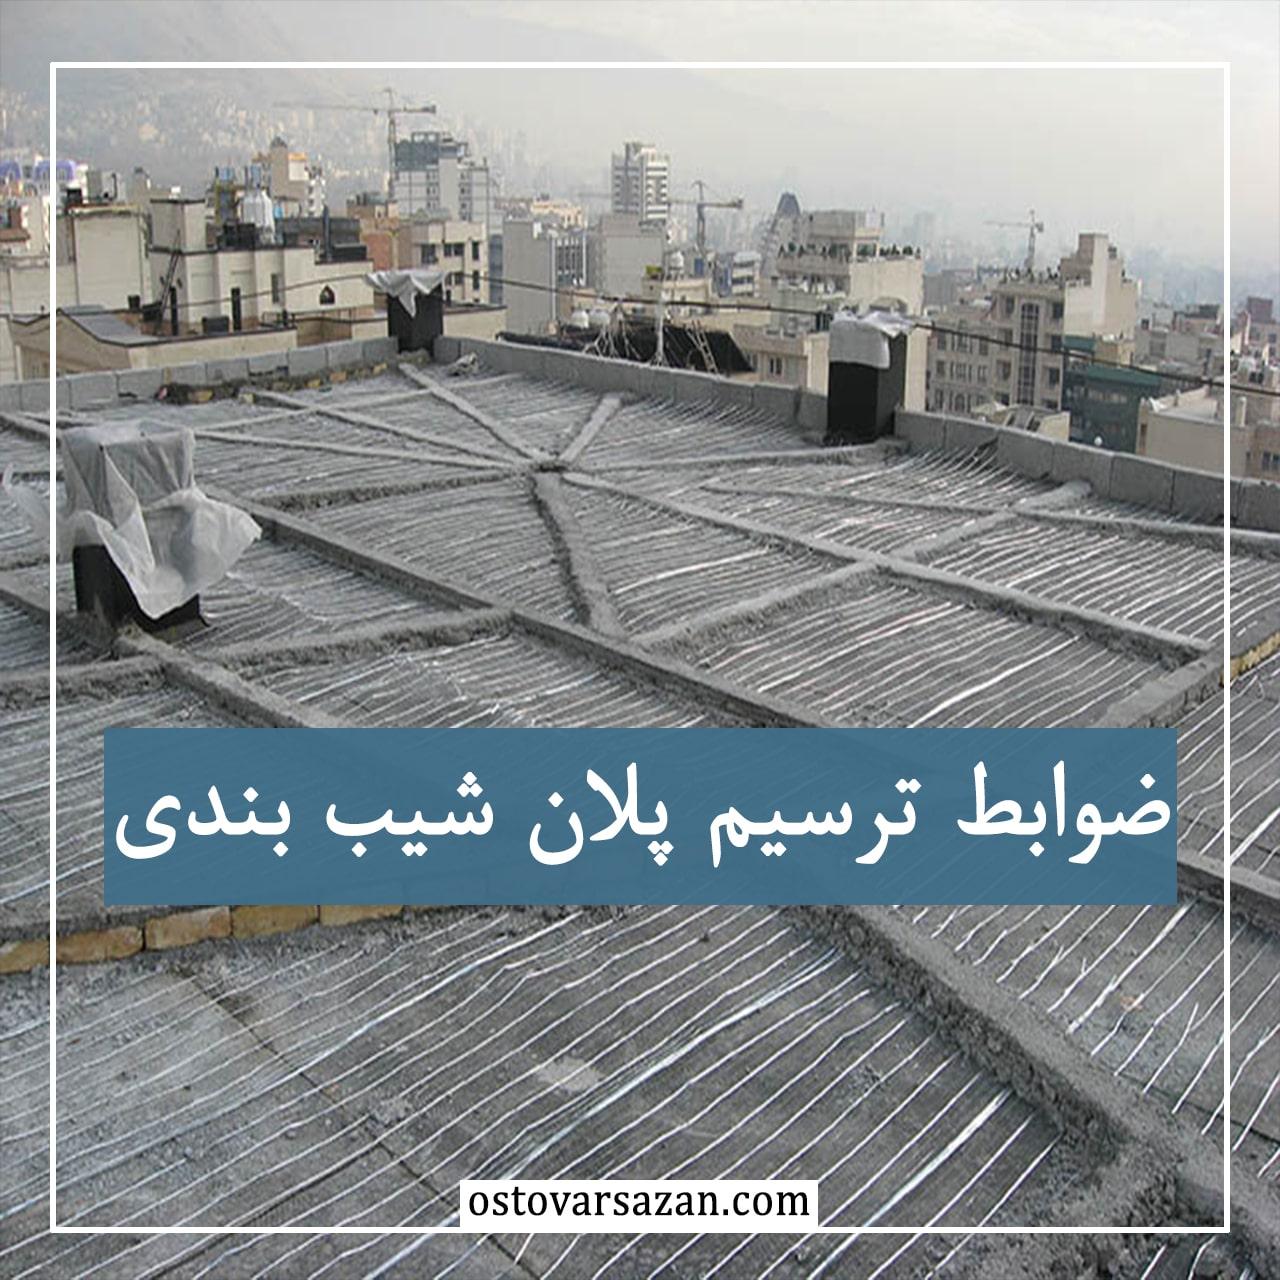 آموزش ترسیم نقشه پشت بام